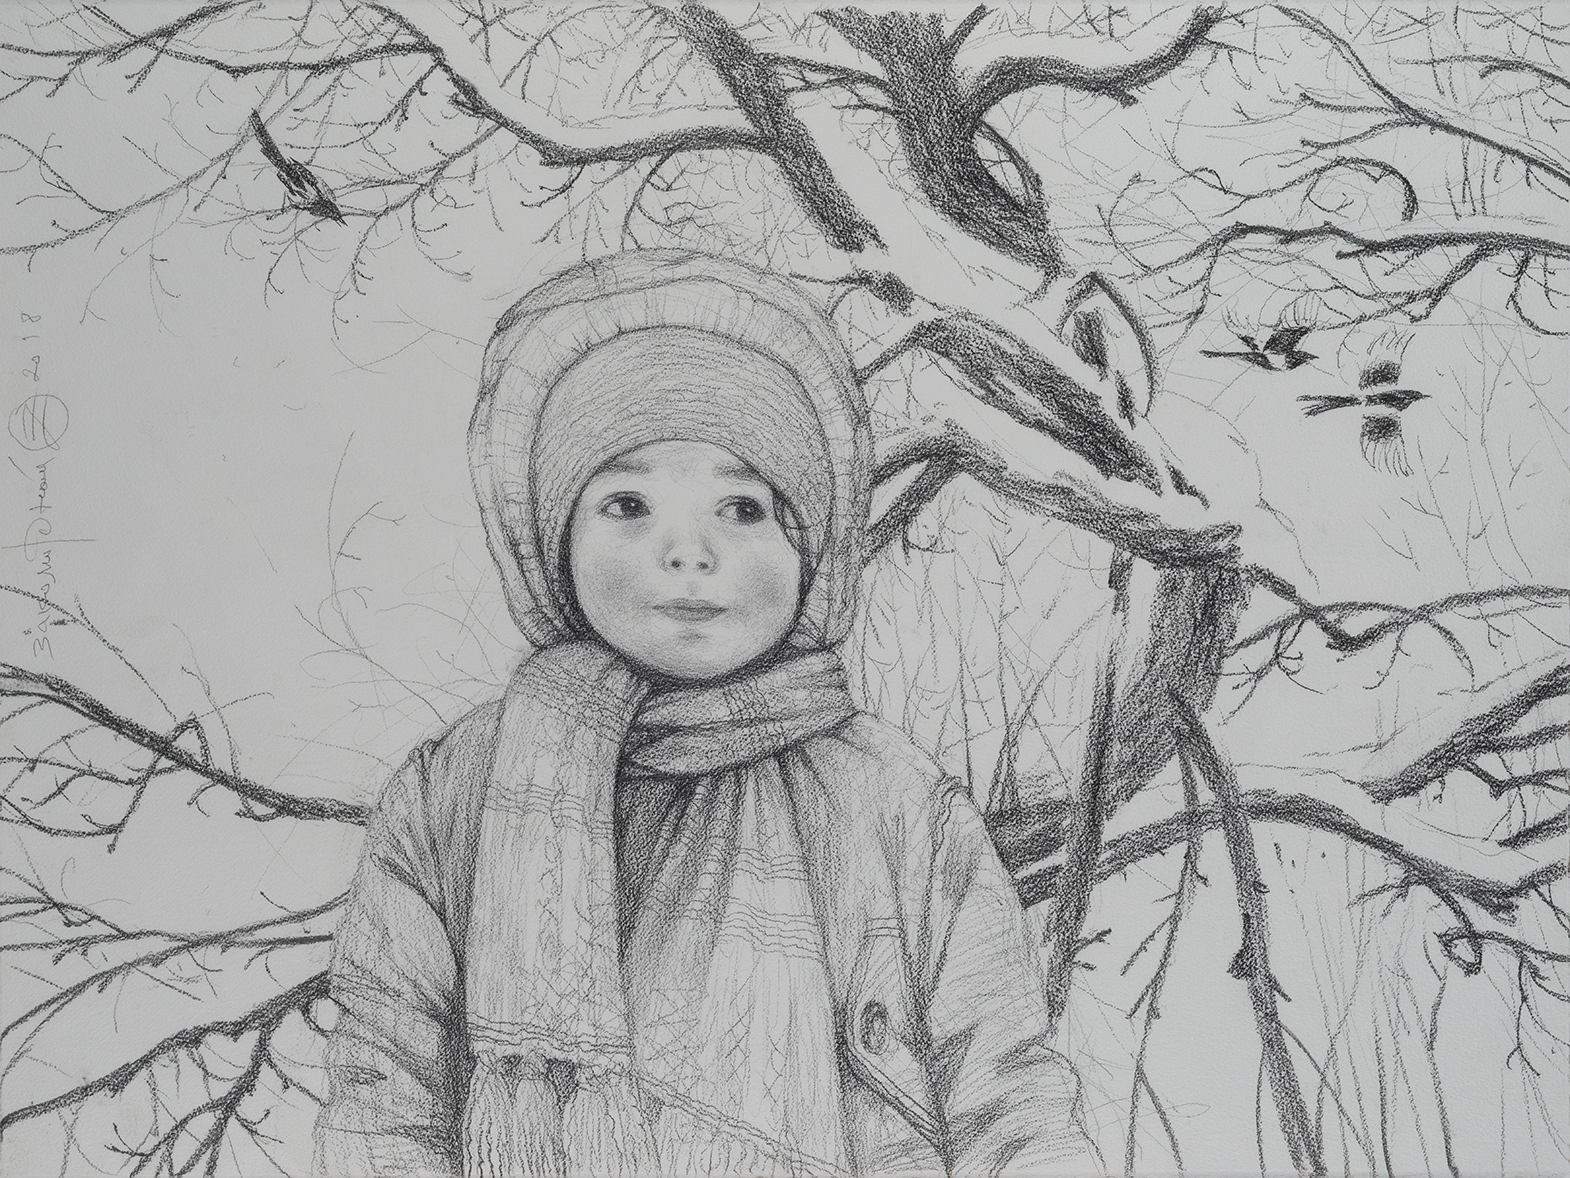 Олег Закоморный. Савва в зимнем парке. 2018